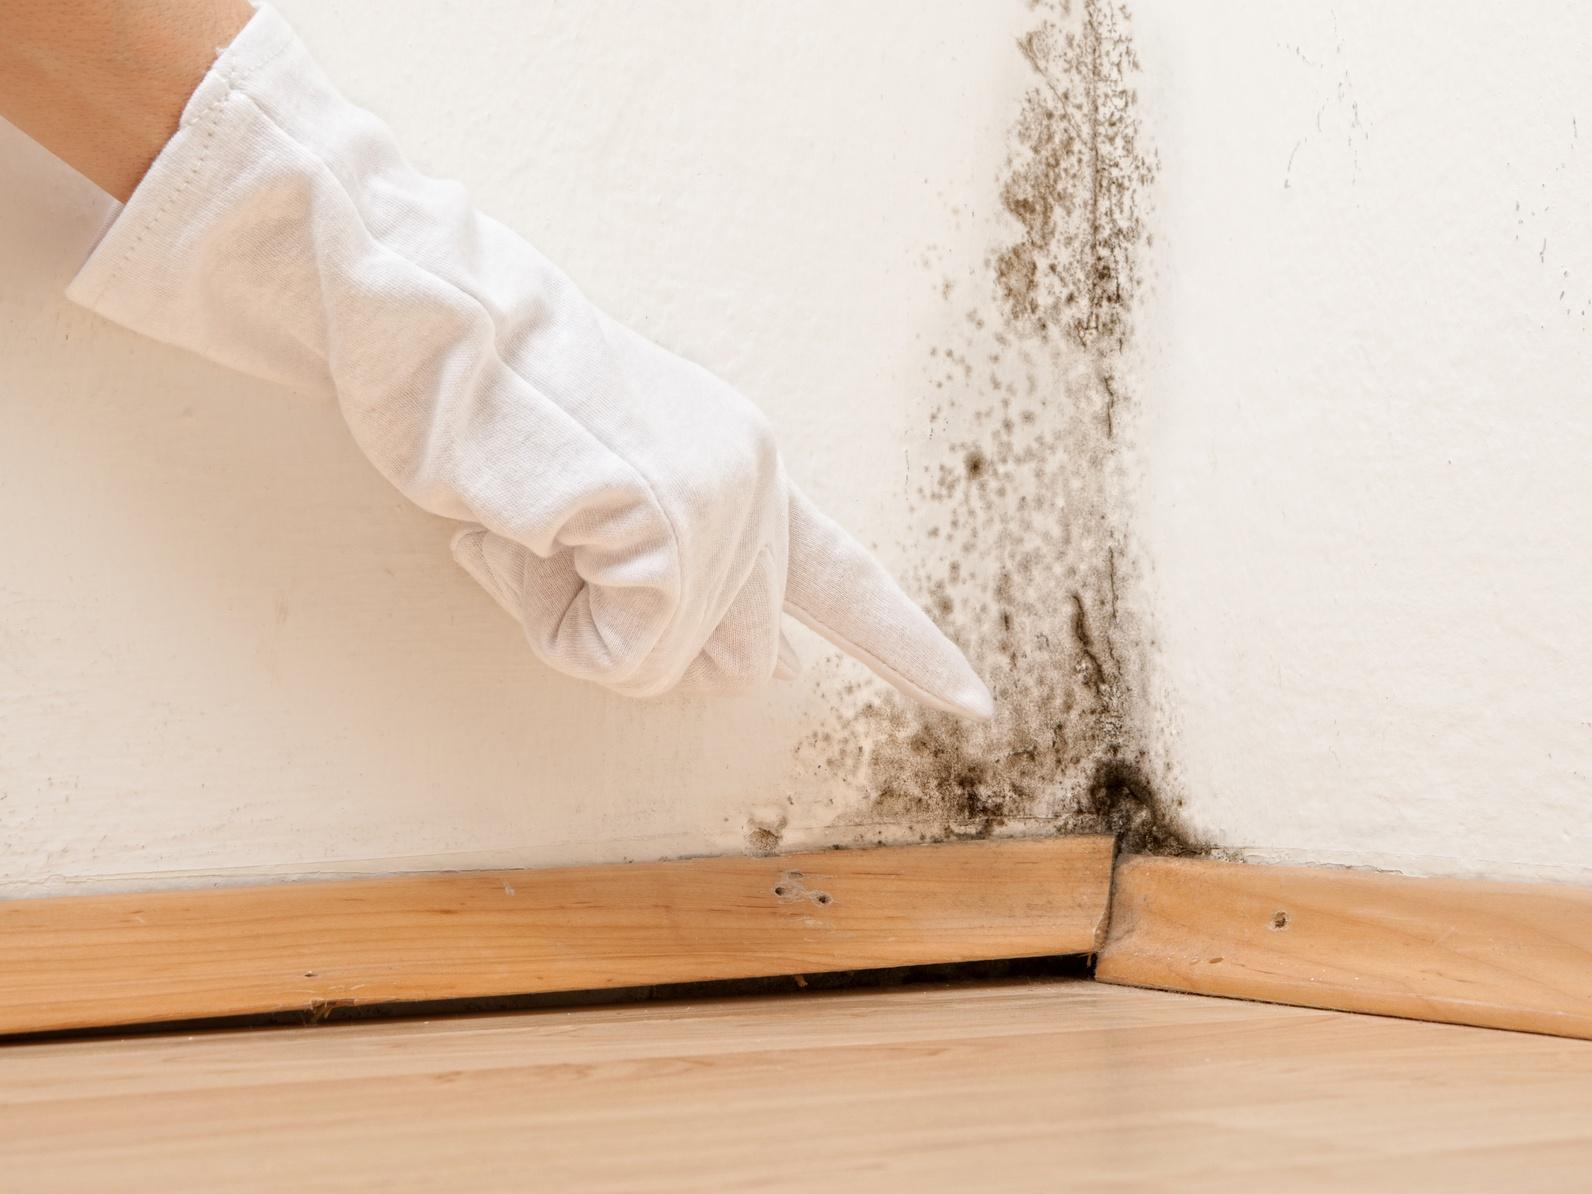 Les dangers de l'humidité sur votre logement